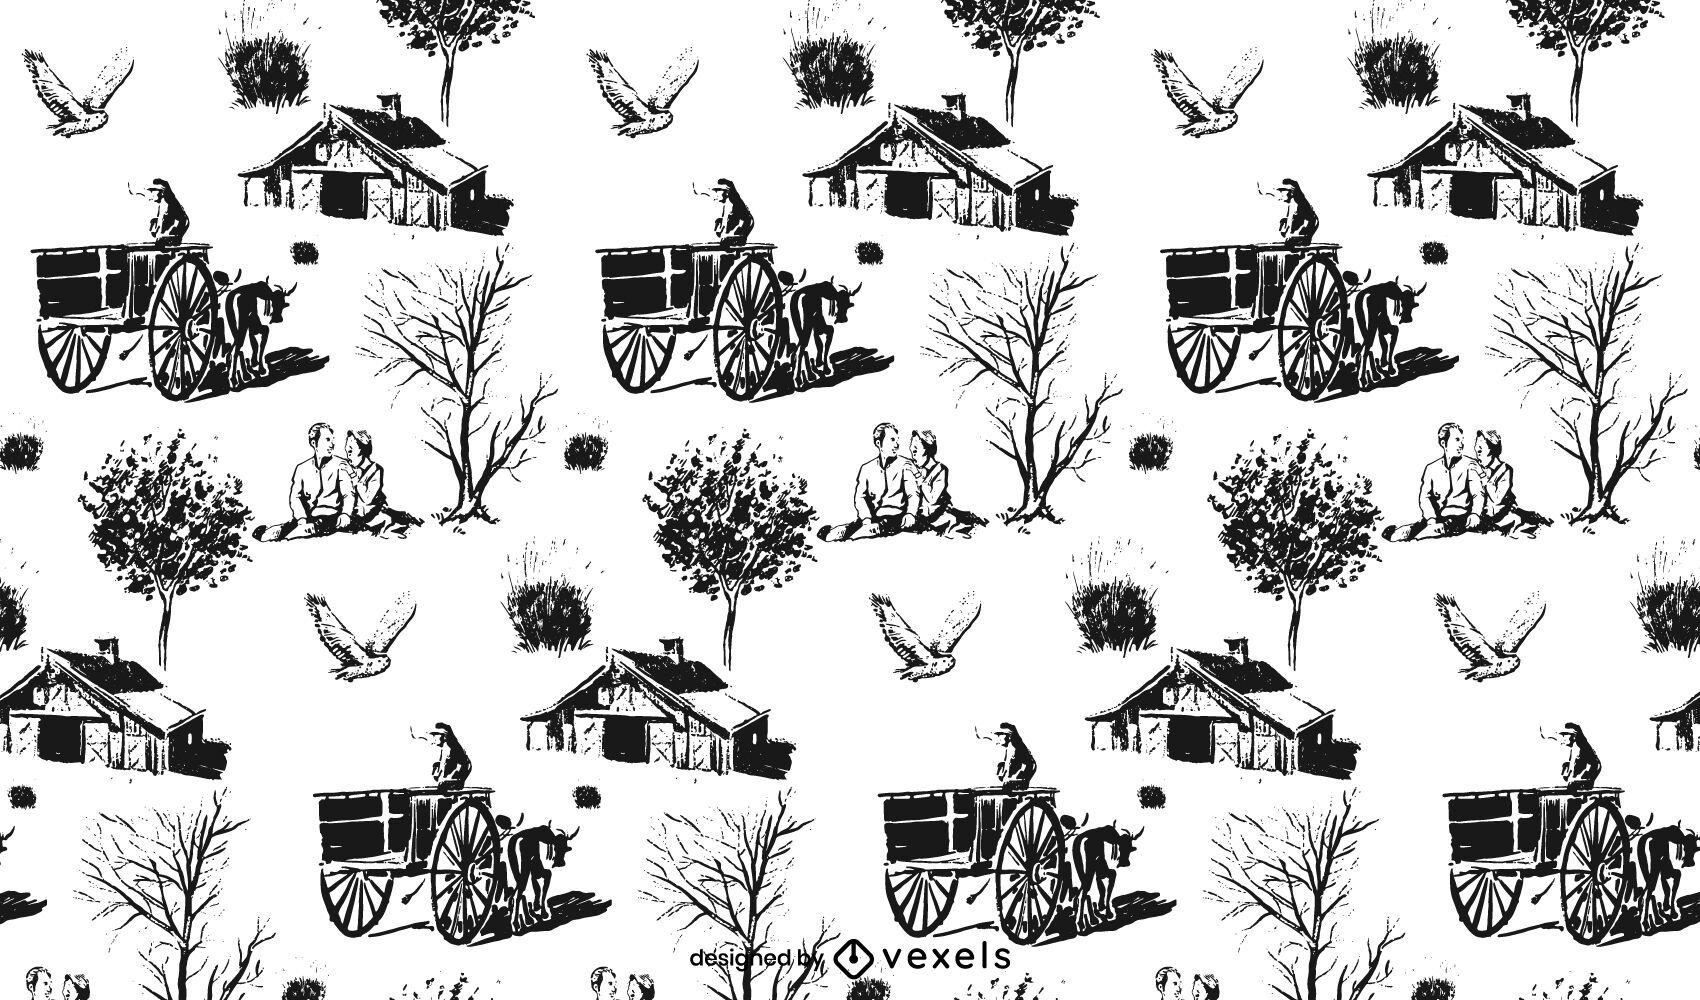 Diseño de patrón de cottagecore dibujado a mano